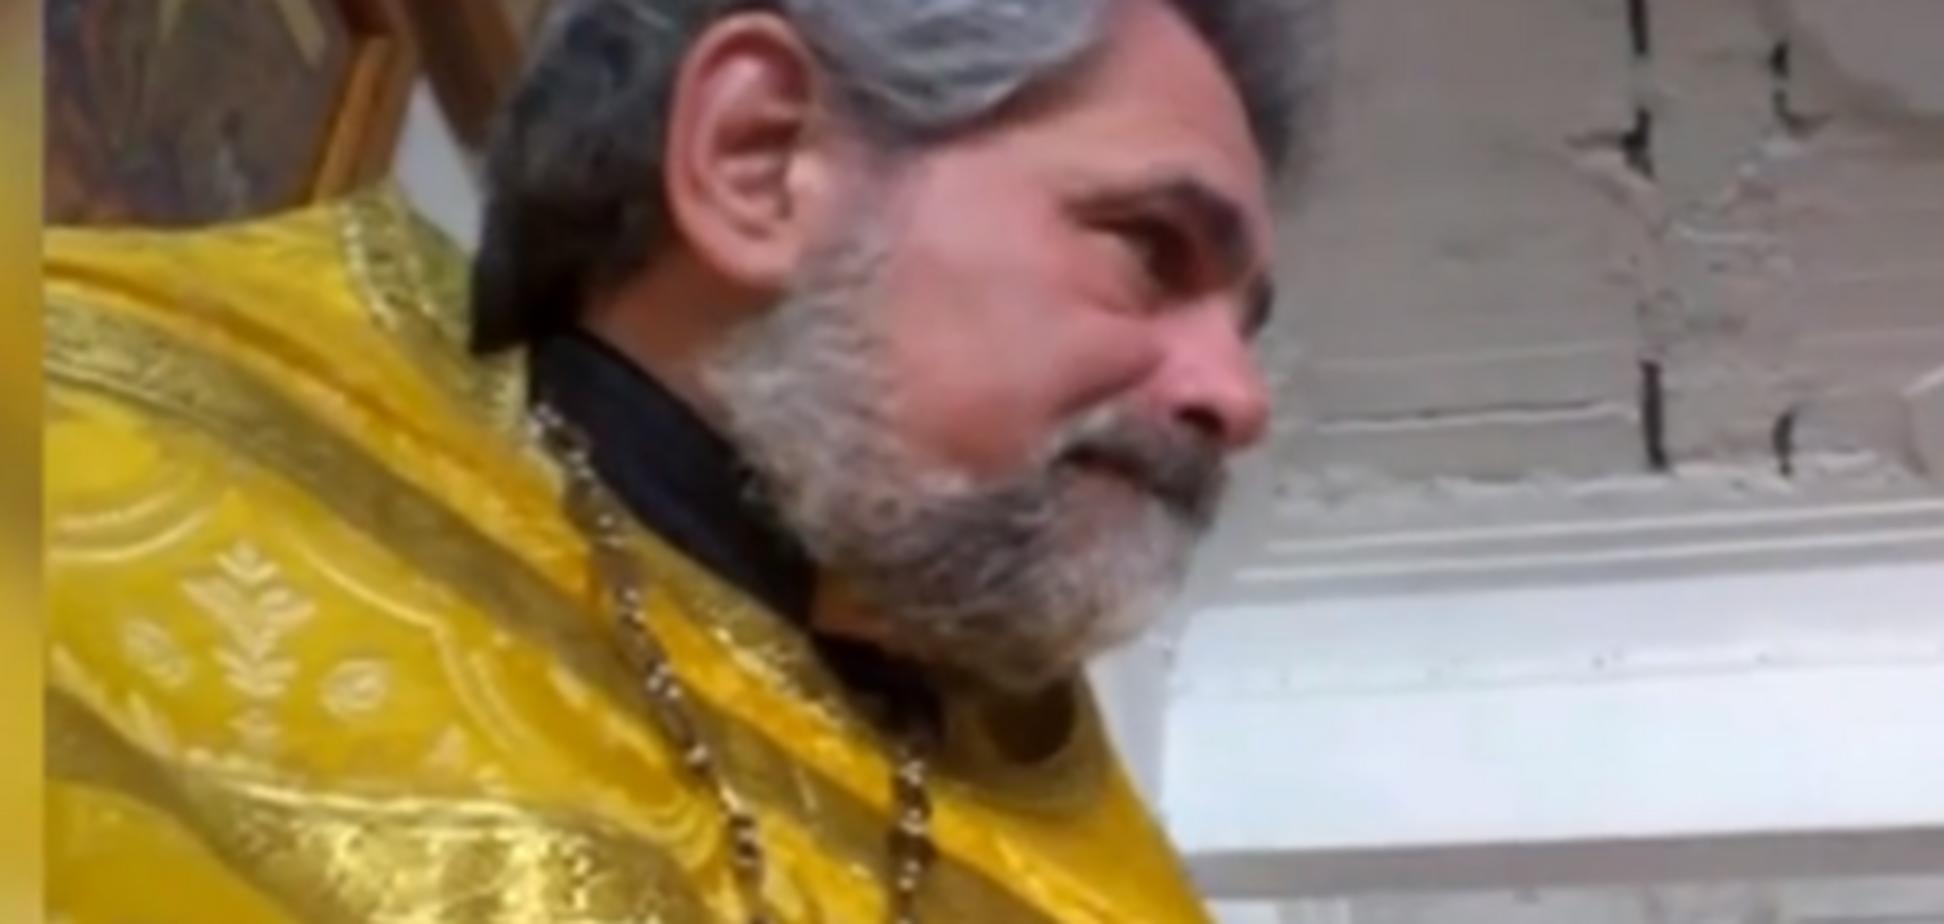 Любит девушек, секс-игрушки и кнуты: украинский священник-извращенец оказался в центре скандала. Видеофакт